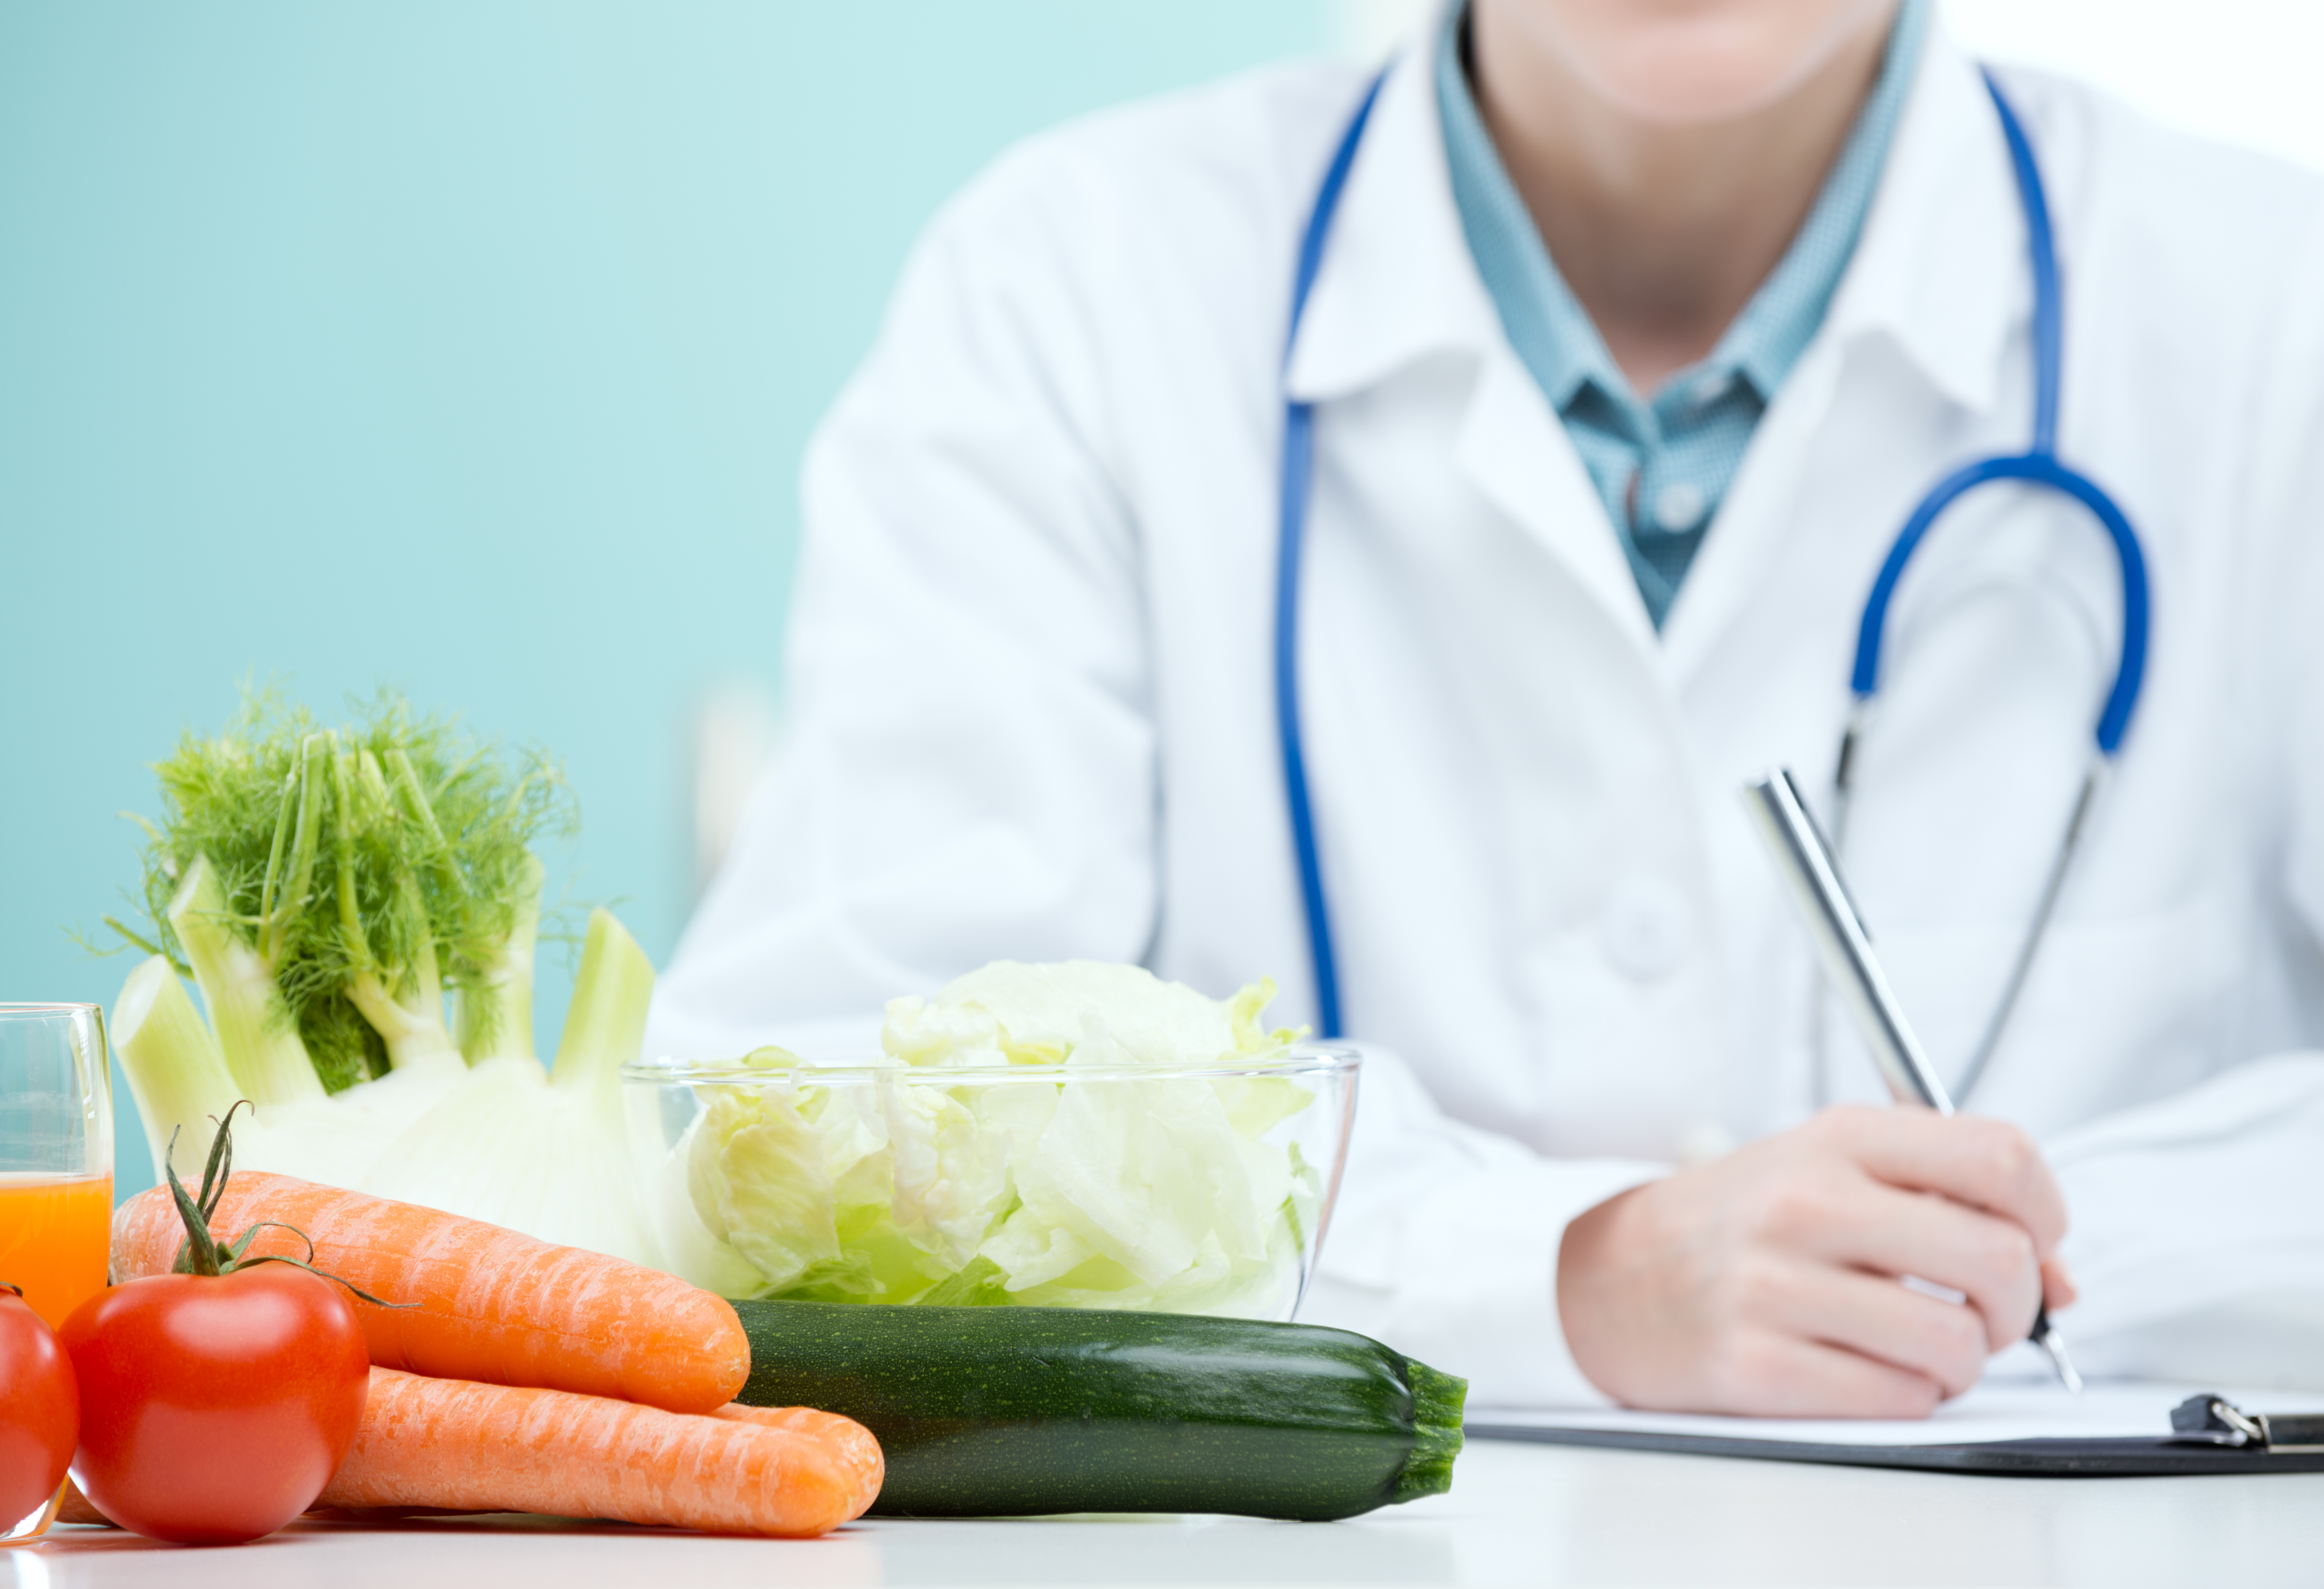 Щадящая диета: особенности лечебного питания